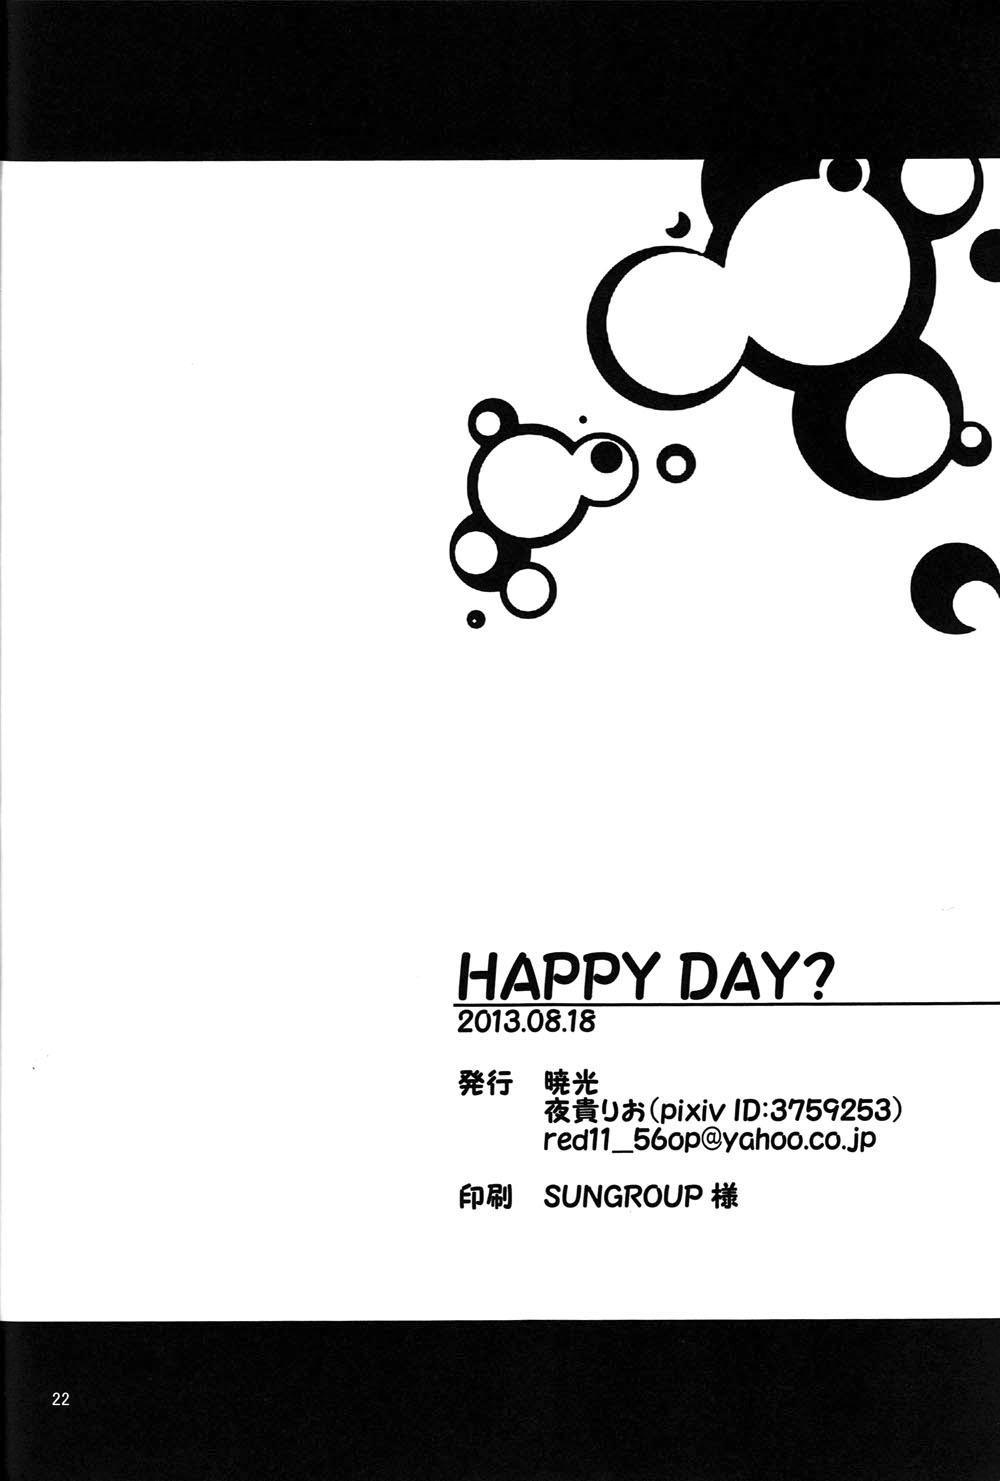 HAPPY DAY? 20